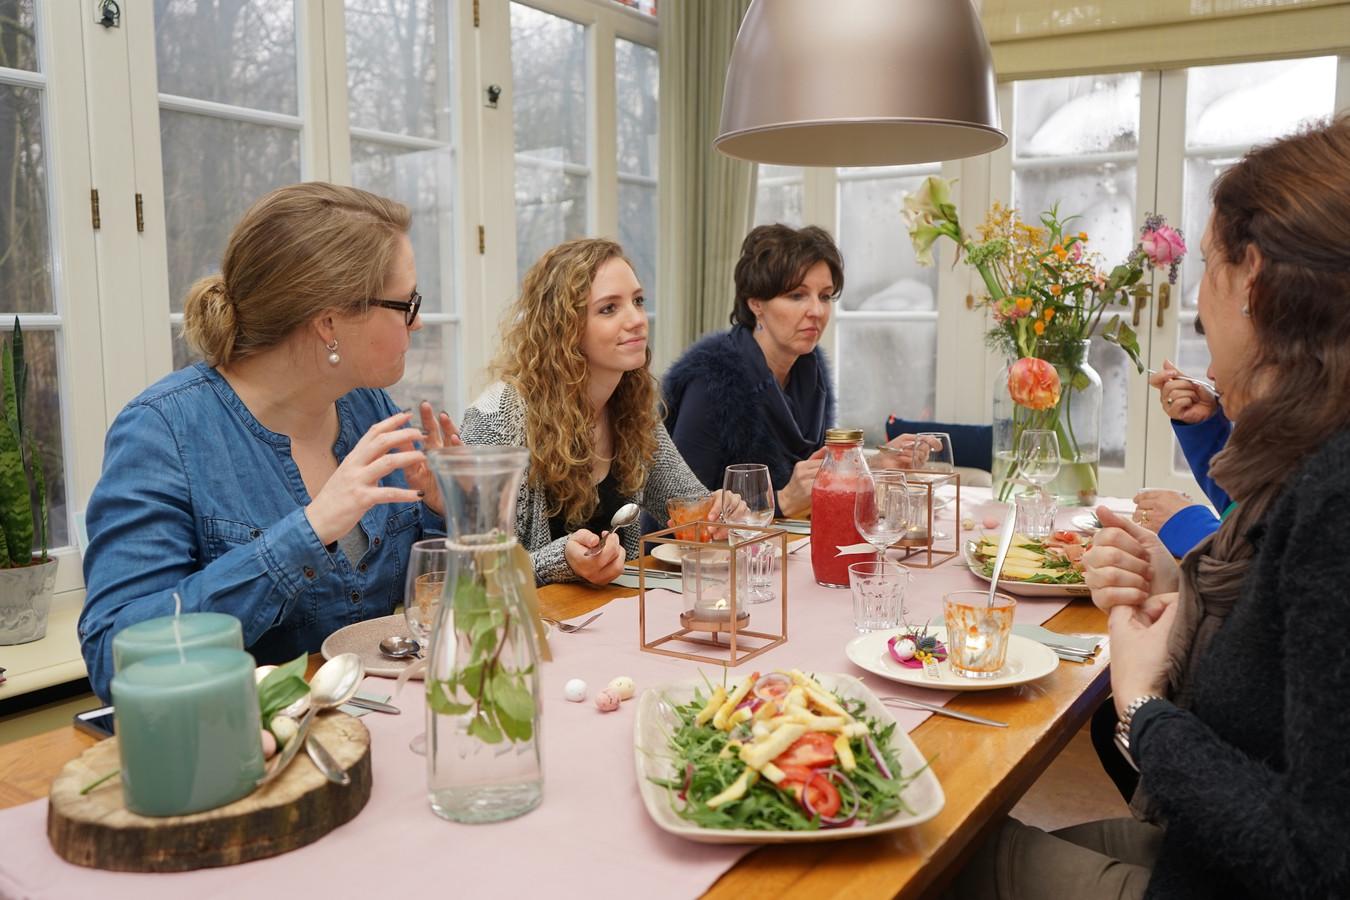 Super Eten van een lekkere tafel (video) | Foto | bd.nl FP-62